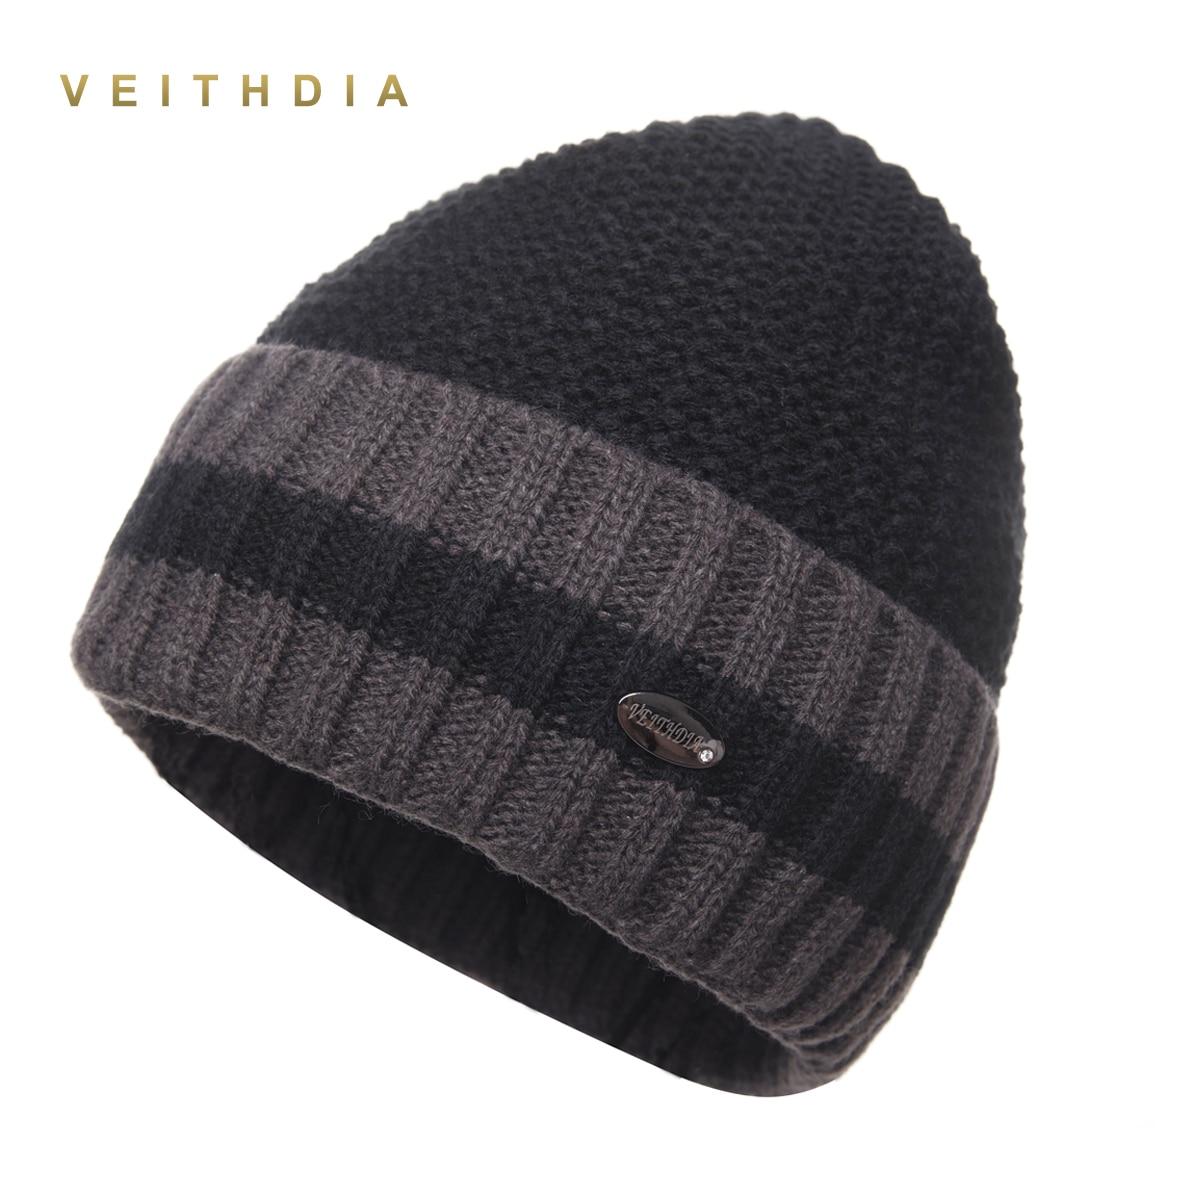 VEITHDIA Pineapple Skullies Hats For Men Beanies Knitted Plus Velvet Patchwork Color Cap Winter Men's Hat Gorro Cap Thick Warm